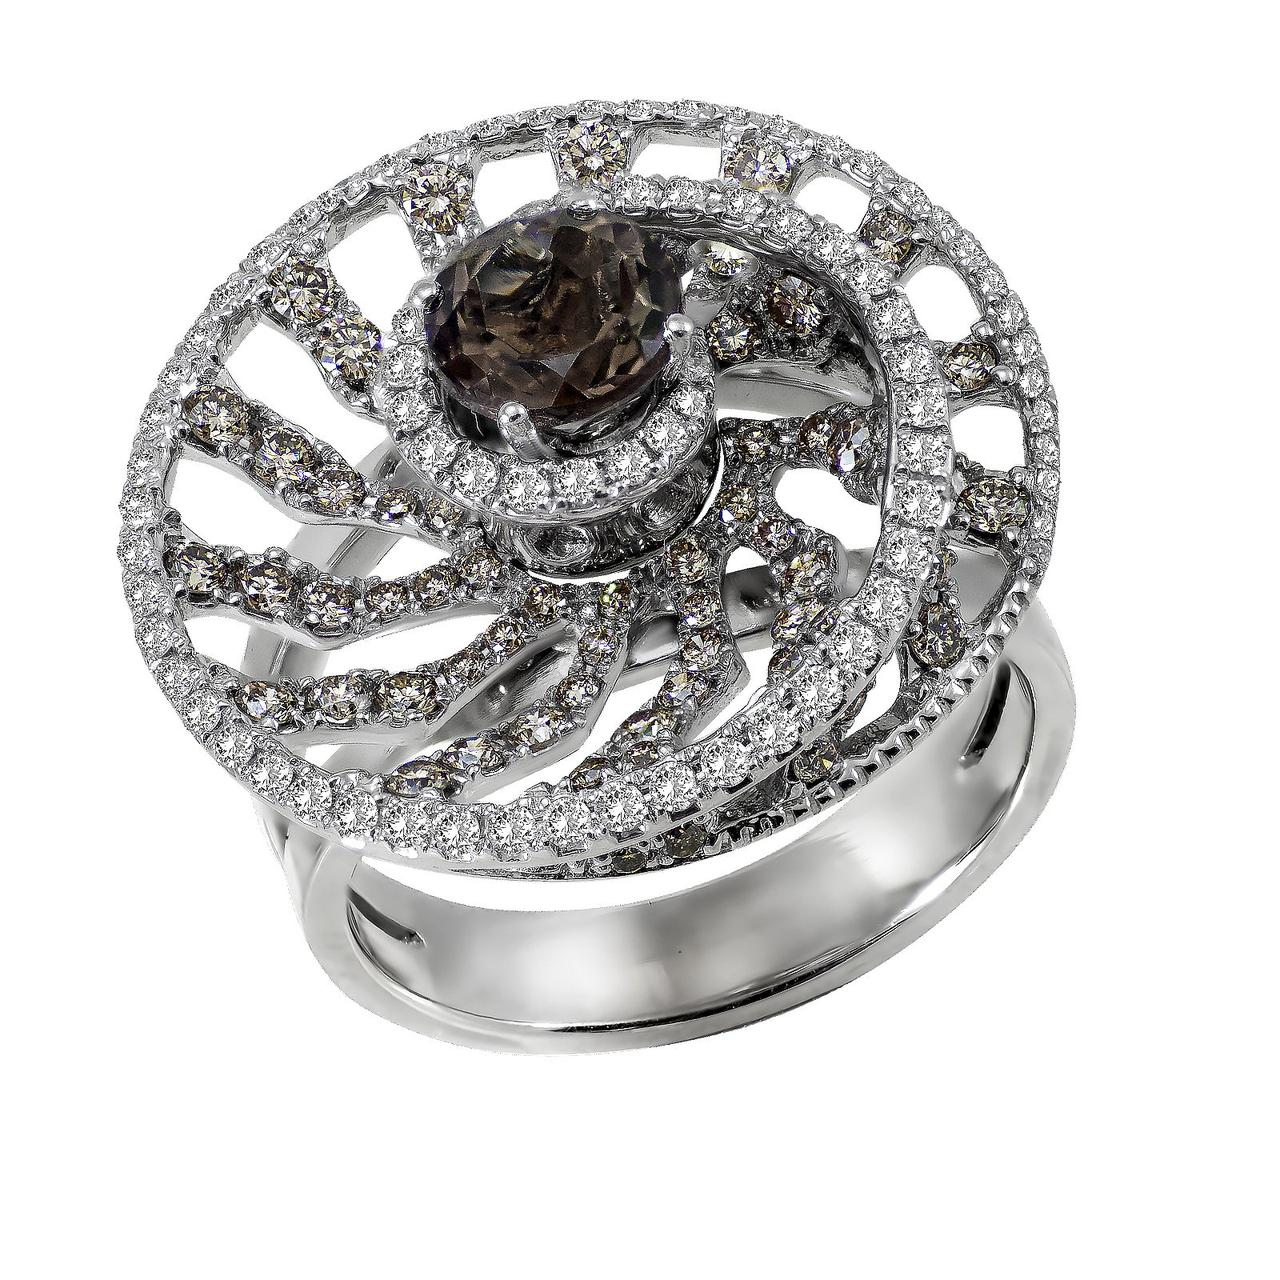 Золотое кольцо с бриллиантами и дымчатым кварцем, размер 18 (048189)